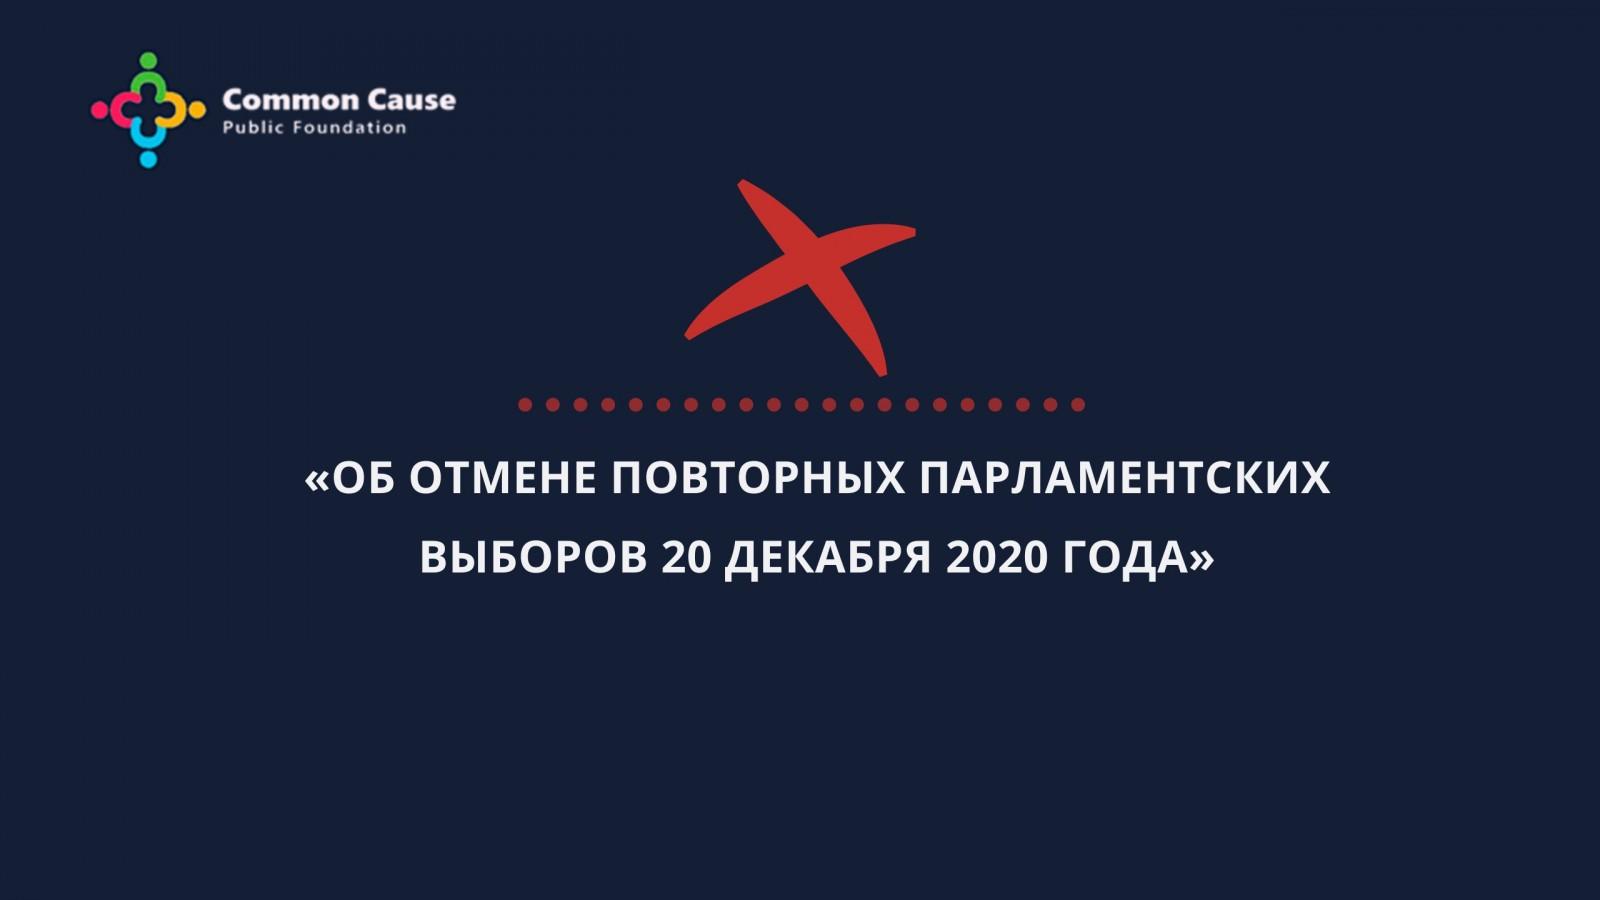 Об отмене повторных парламентских выборов 20 декабря 2020 года